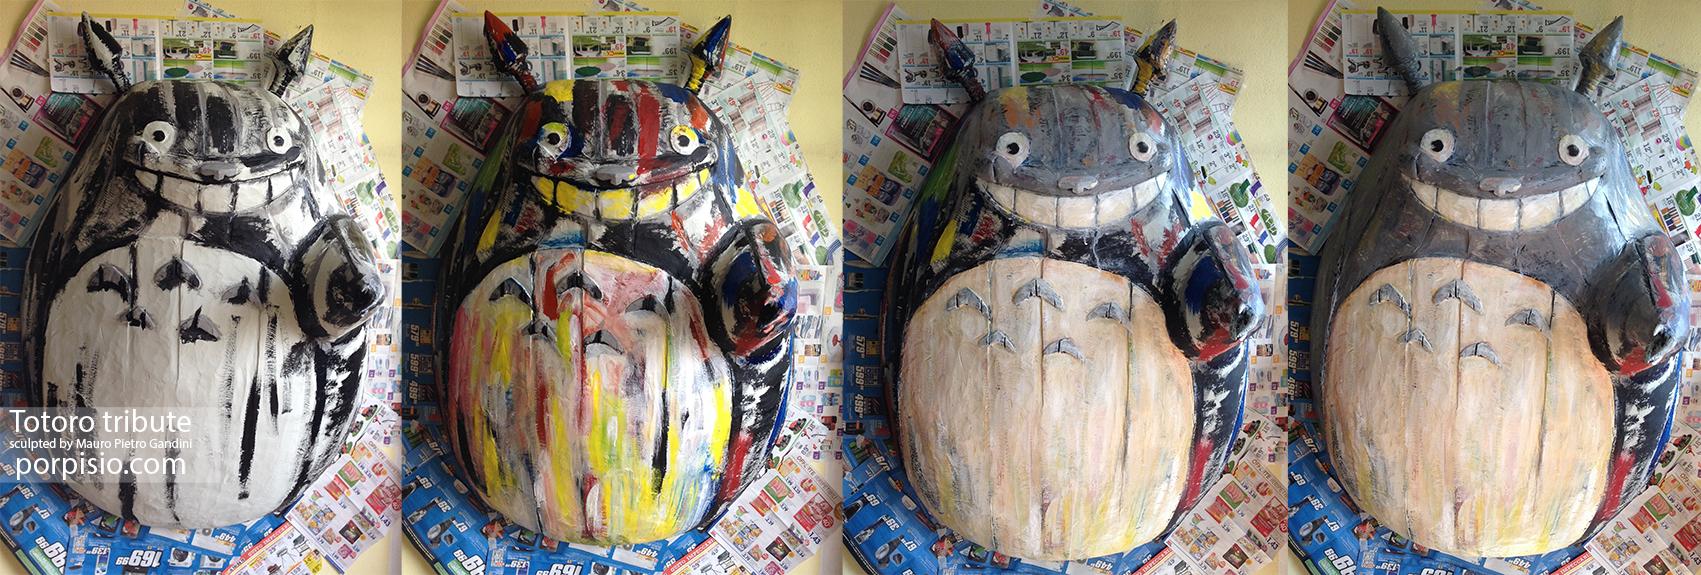 passaggi colore Totoro.jpg